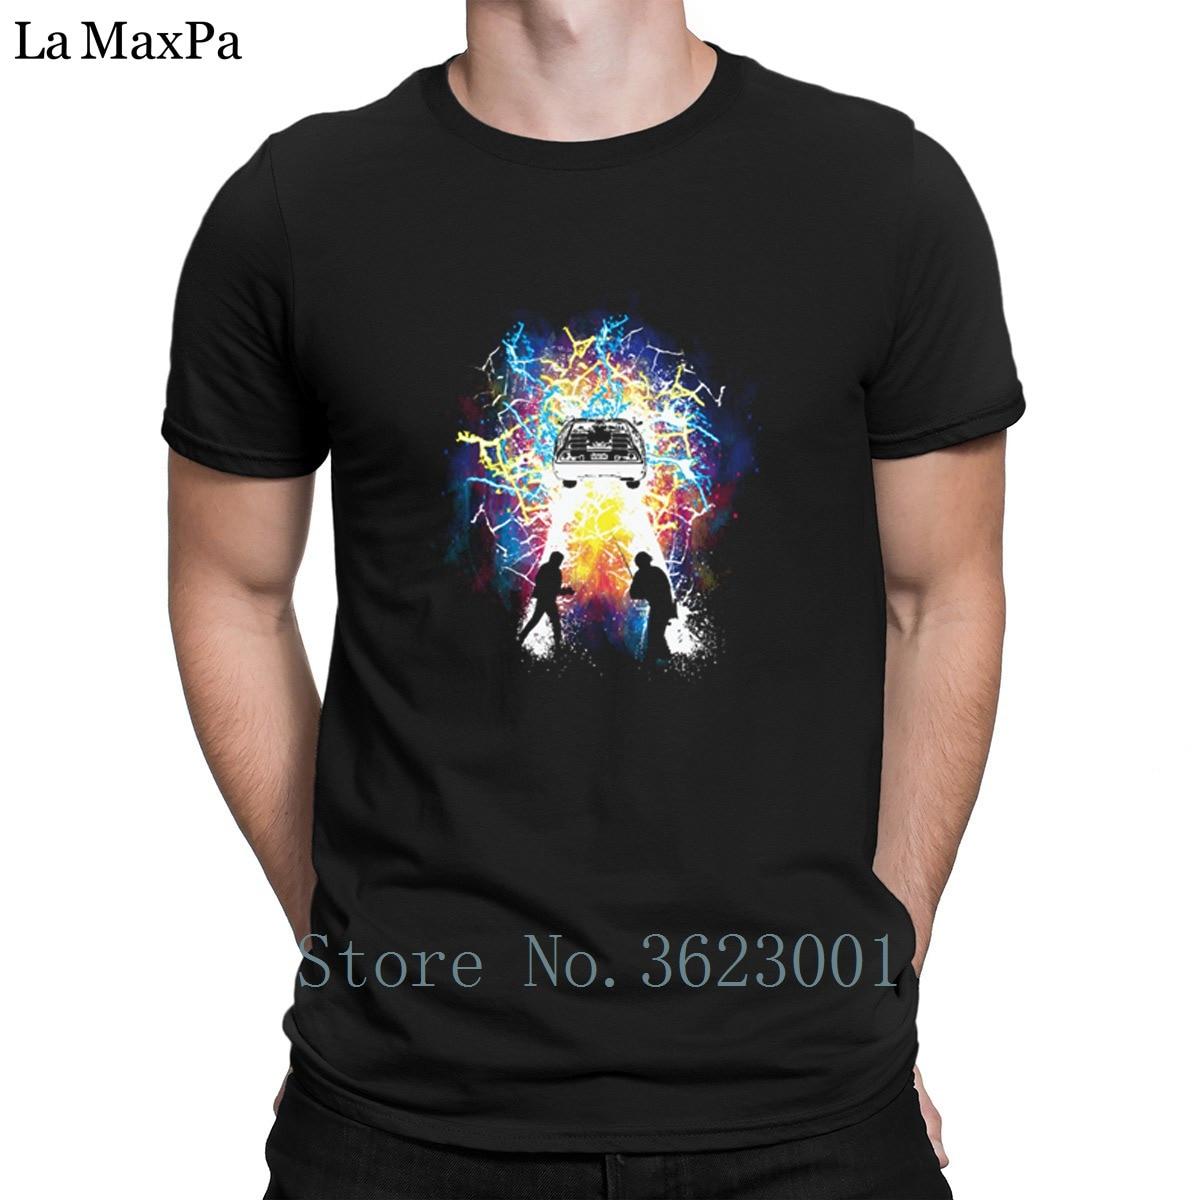 Дизайнерская новинка футболка путешественников во времени футболка человек хлопок простые свободные t, футболка для Мужская Уличная стиль...